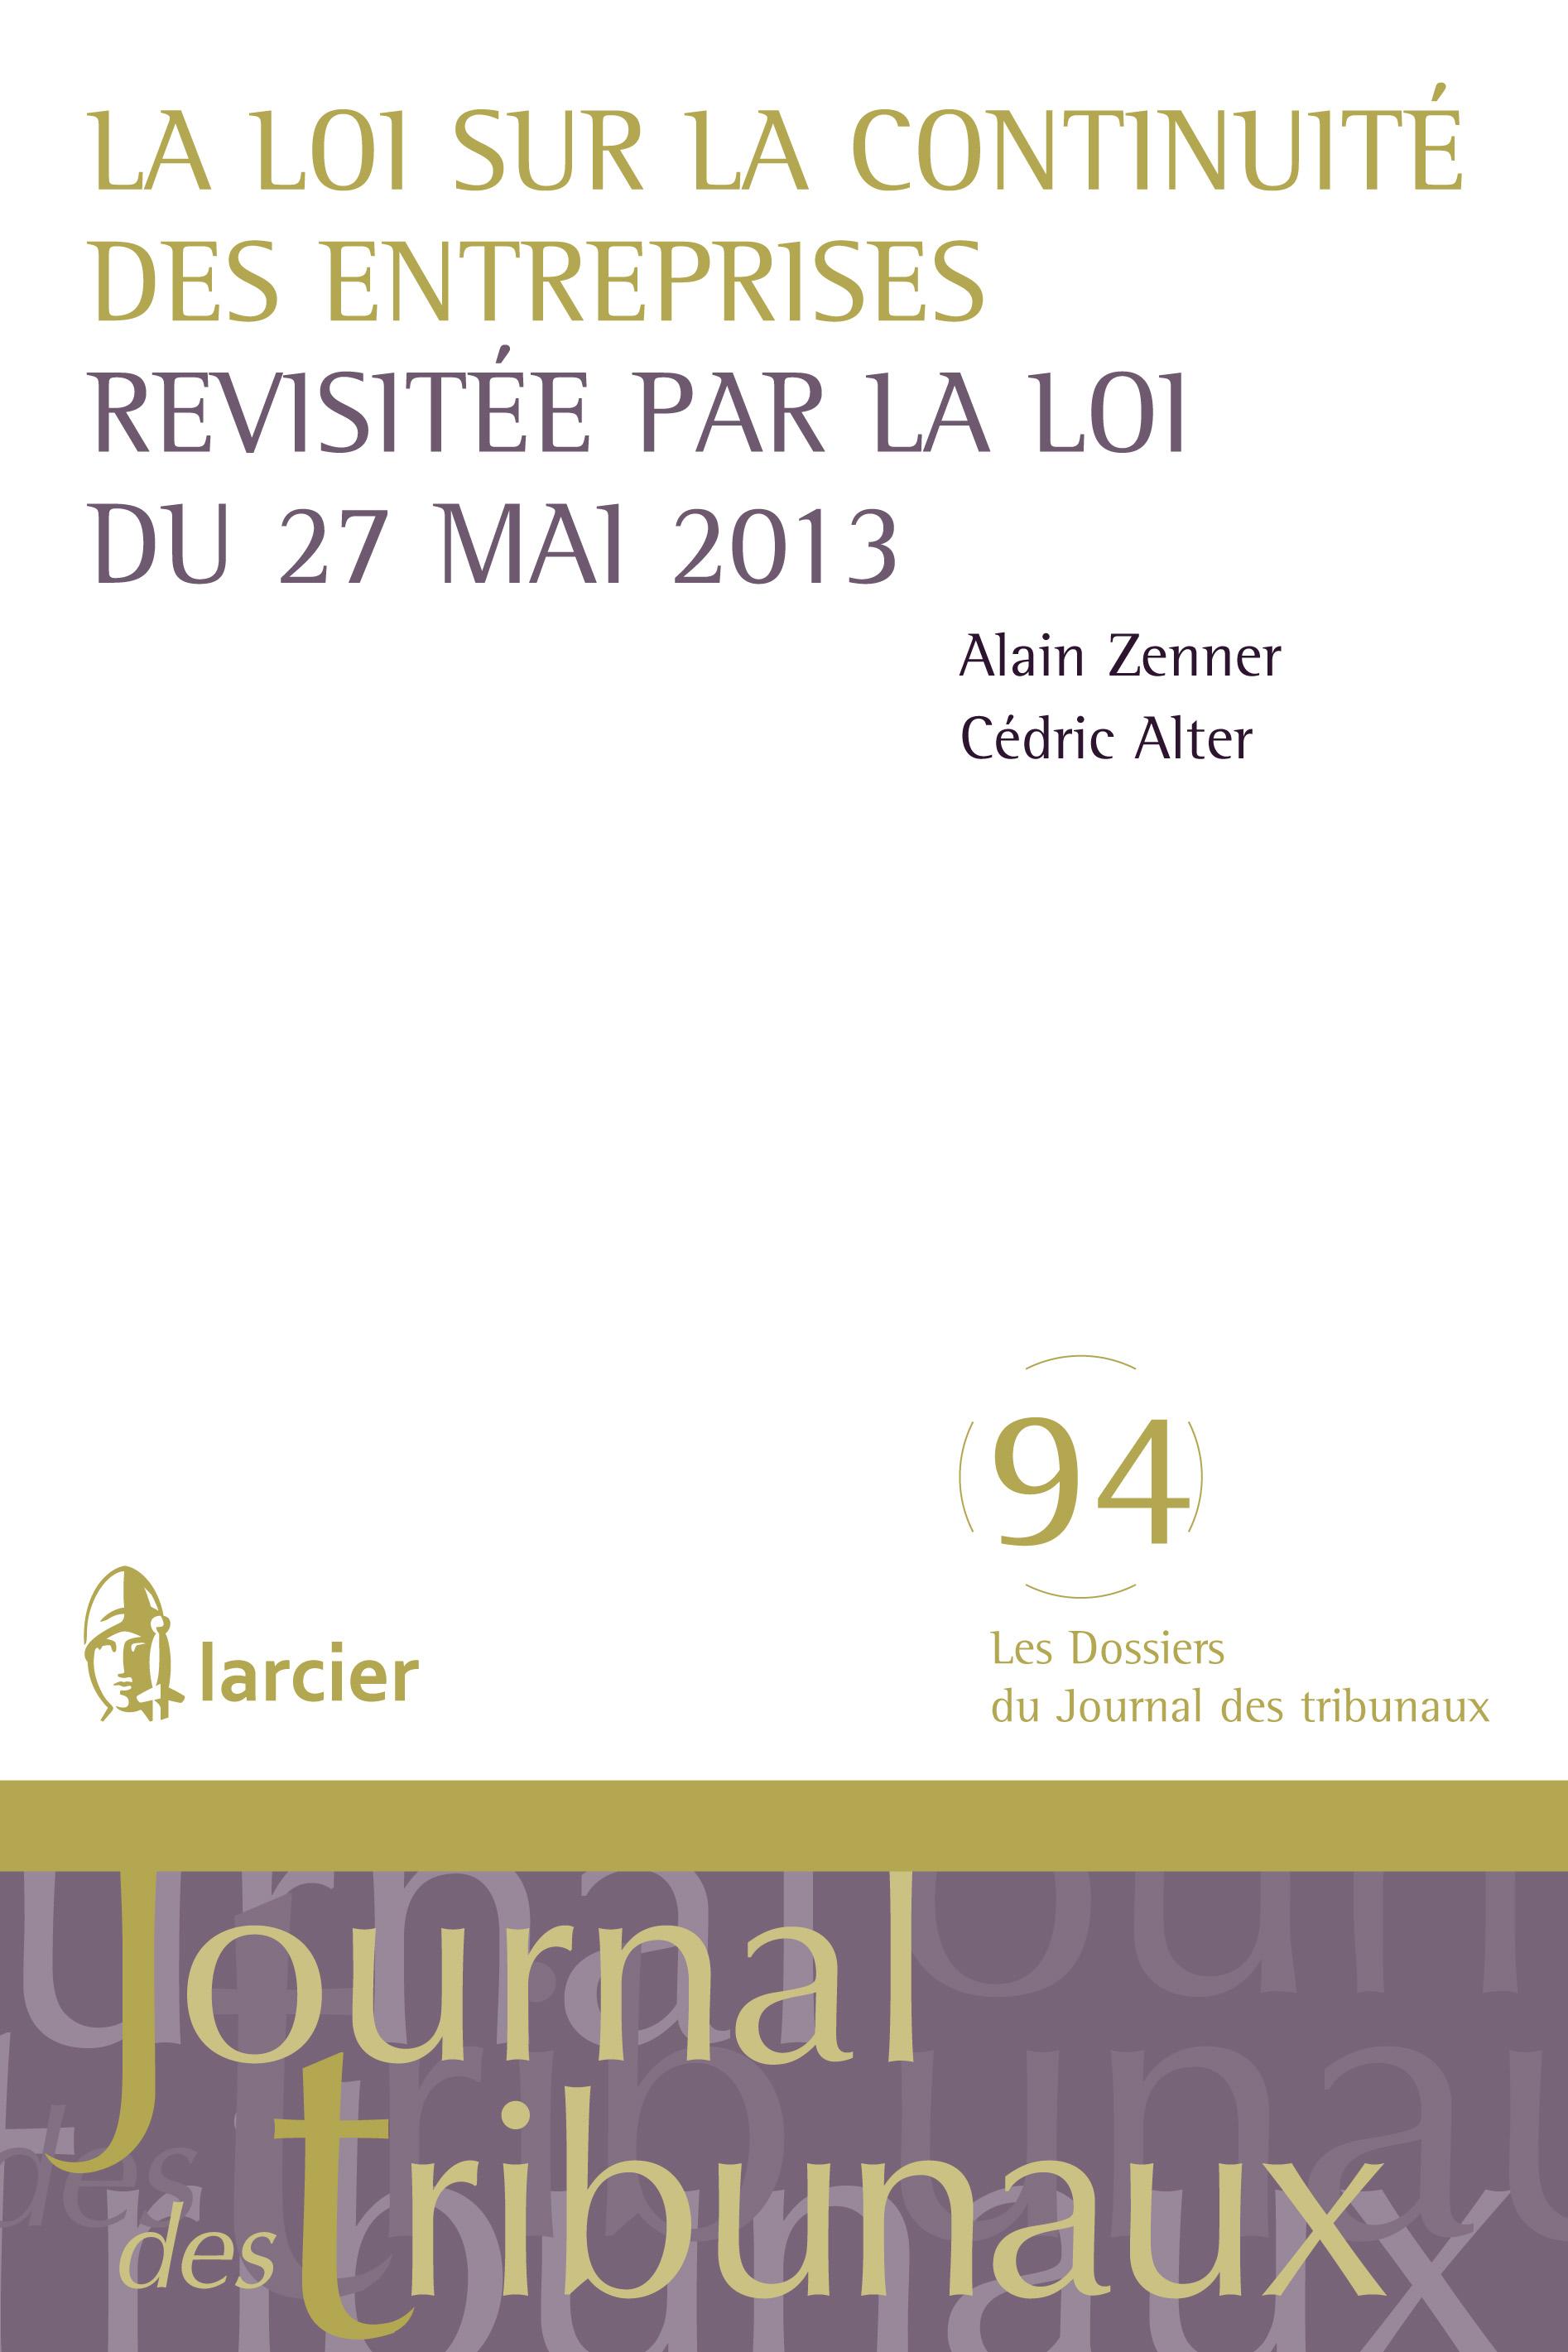 La loi sur la continuité des entreprises revisitée par la loi du 27 mai 2013